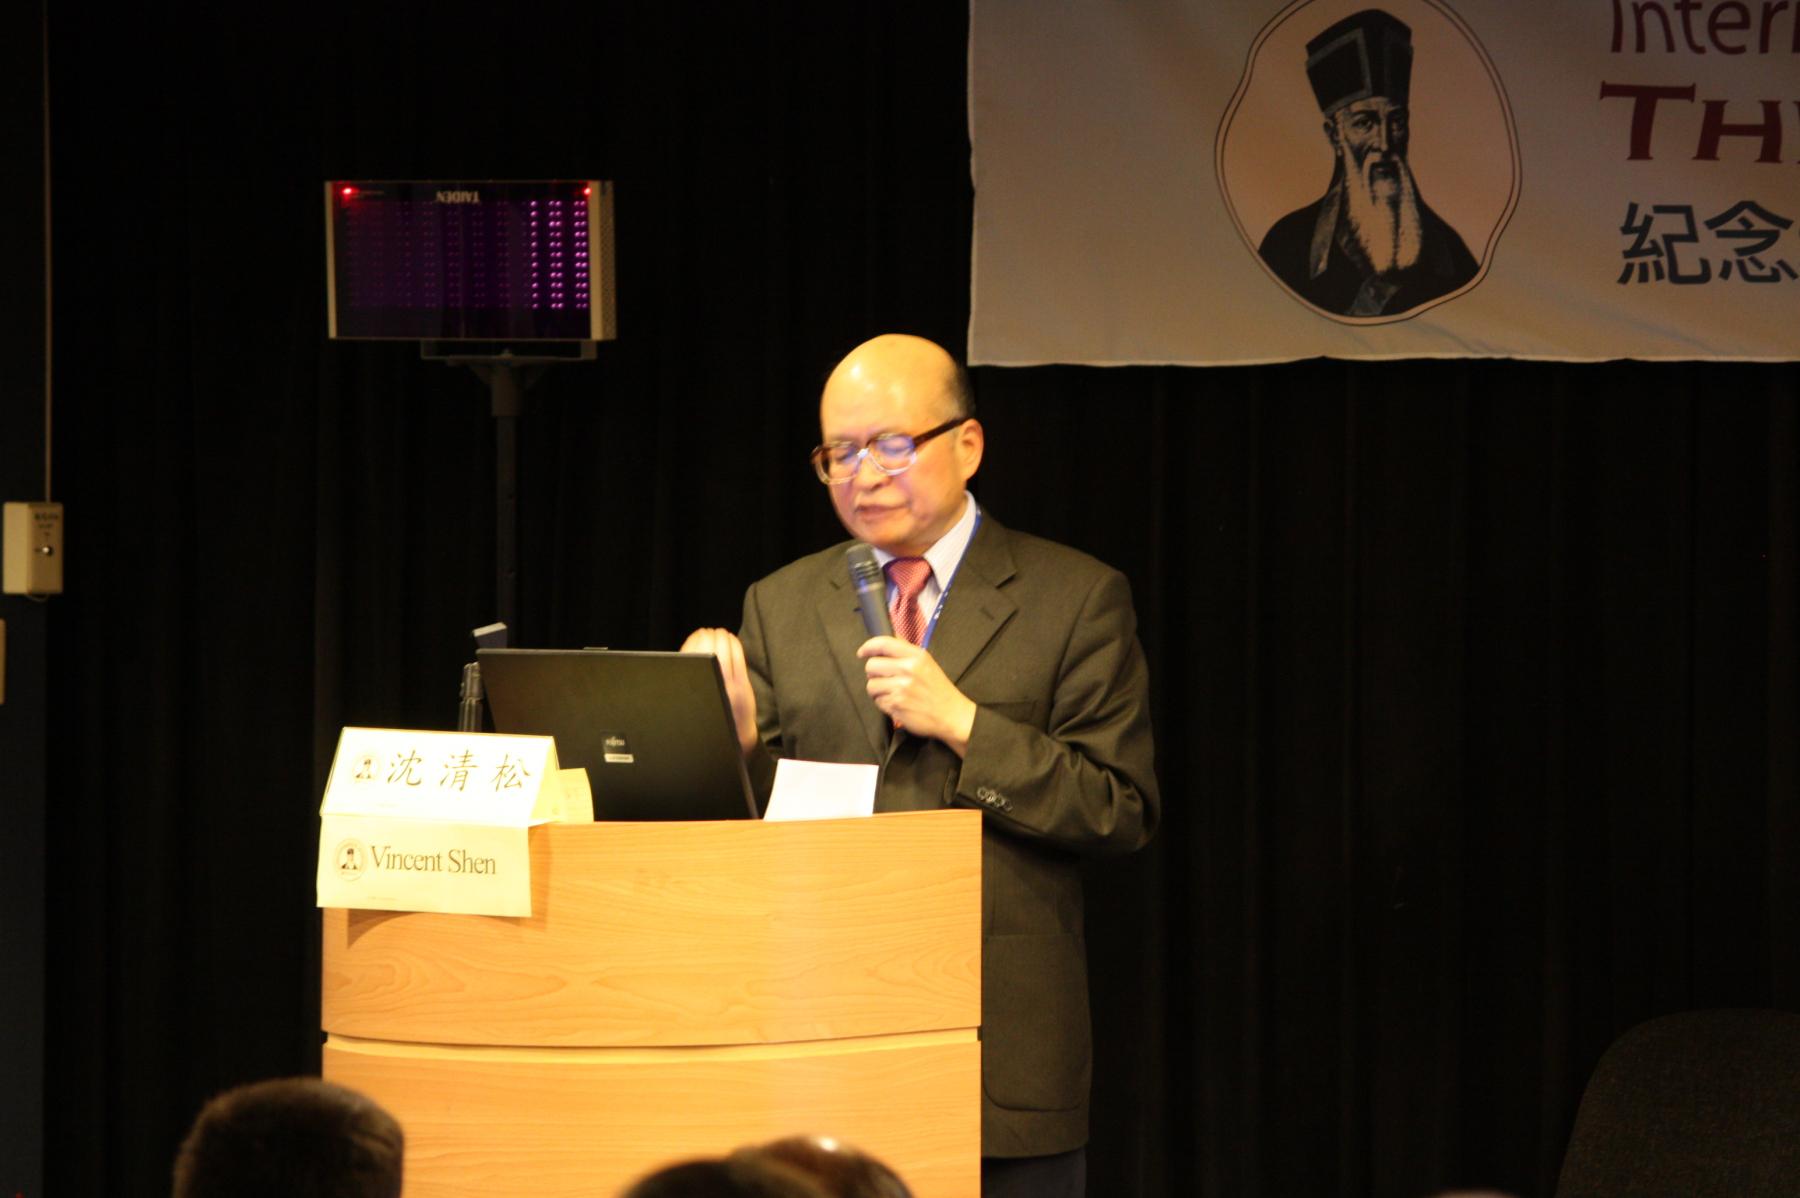 201004紀念利瑪竇逝世四百週年國際學術研討會-48